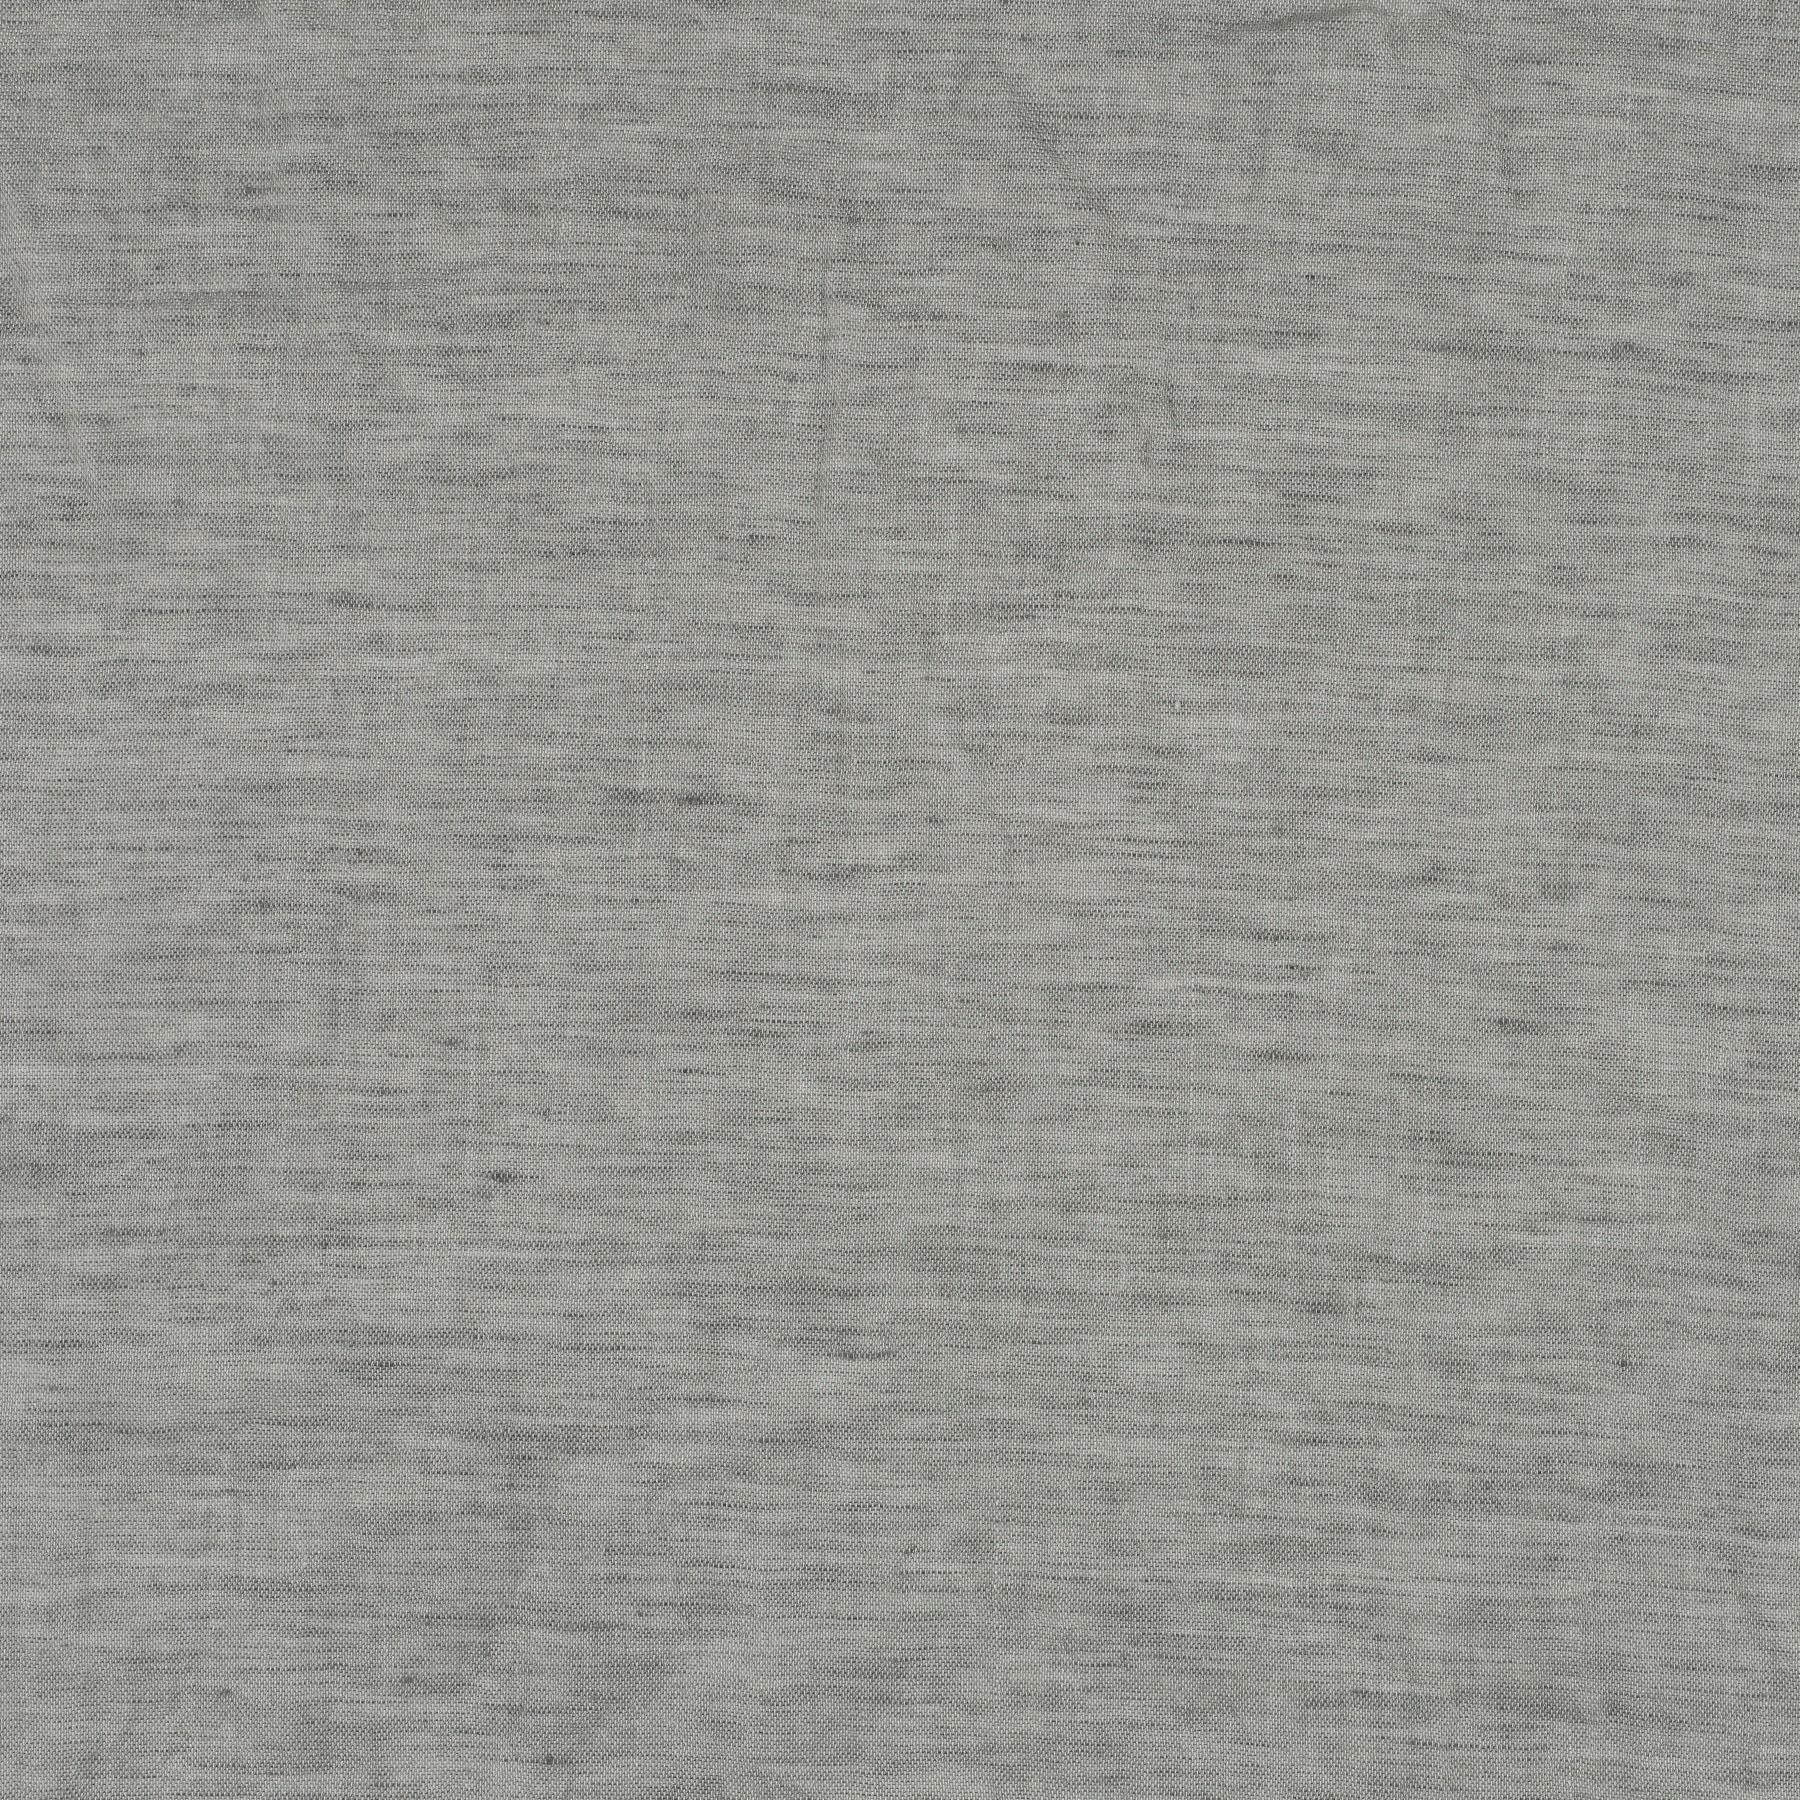 decoration fabric marvig 1 6714 092 jab anstoetz fabrics. Black Bedroom Furniture Sets. Home Design Ideas